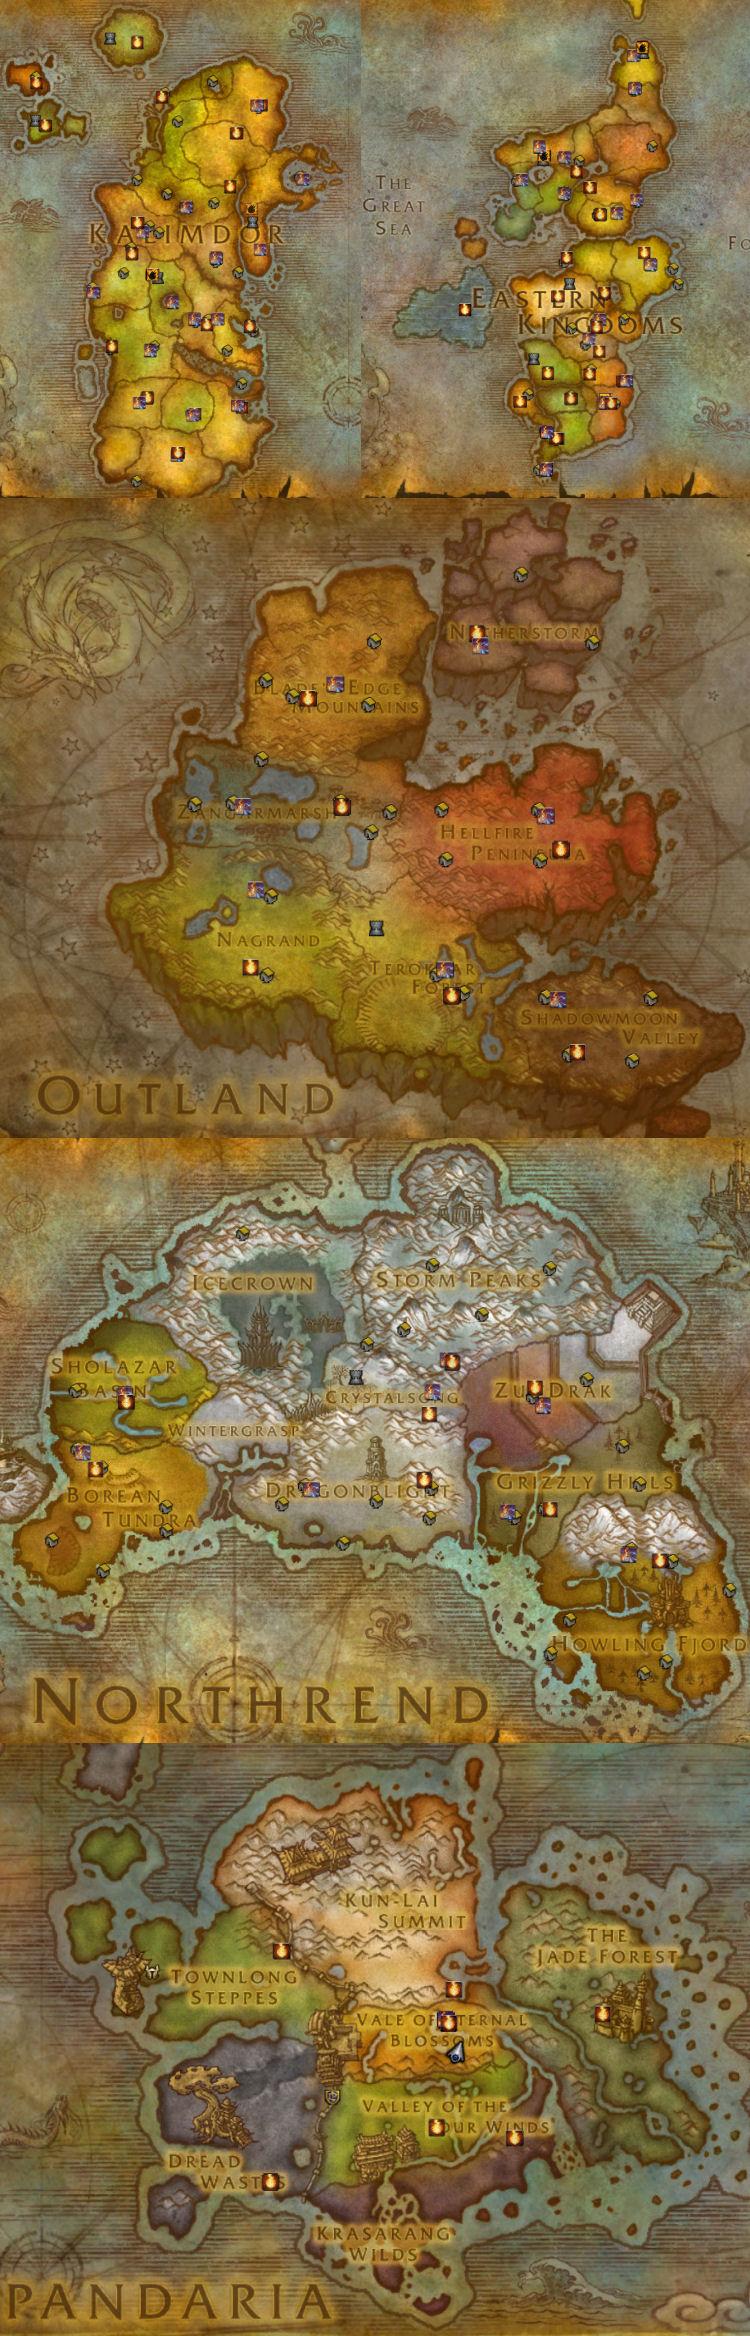 Map of Bonfires for Midsummer Fire Festival